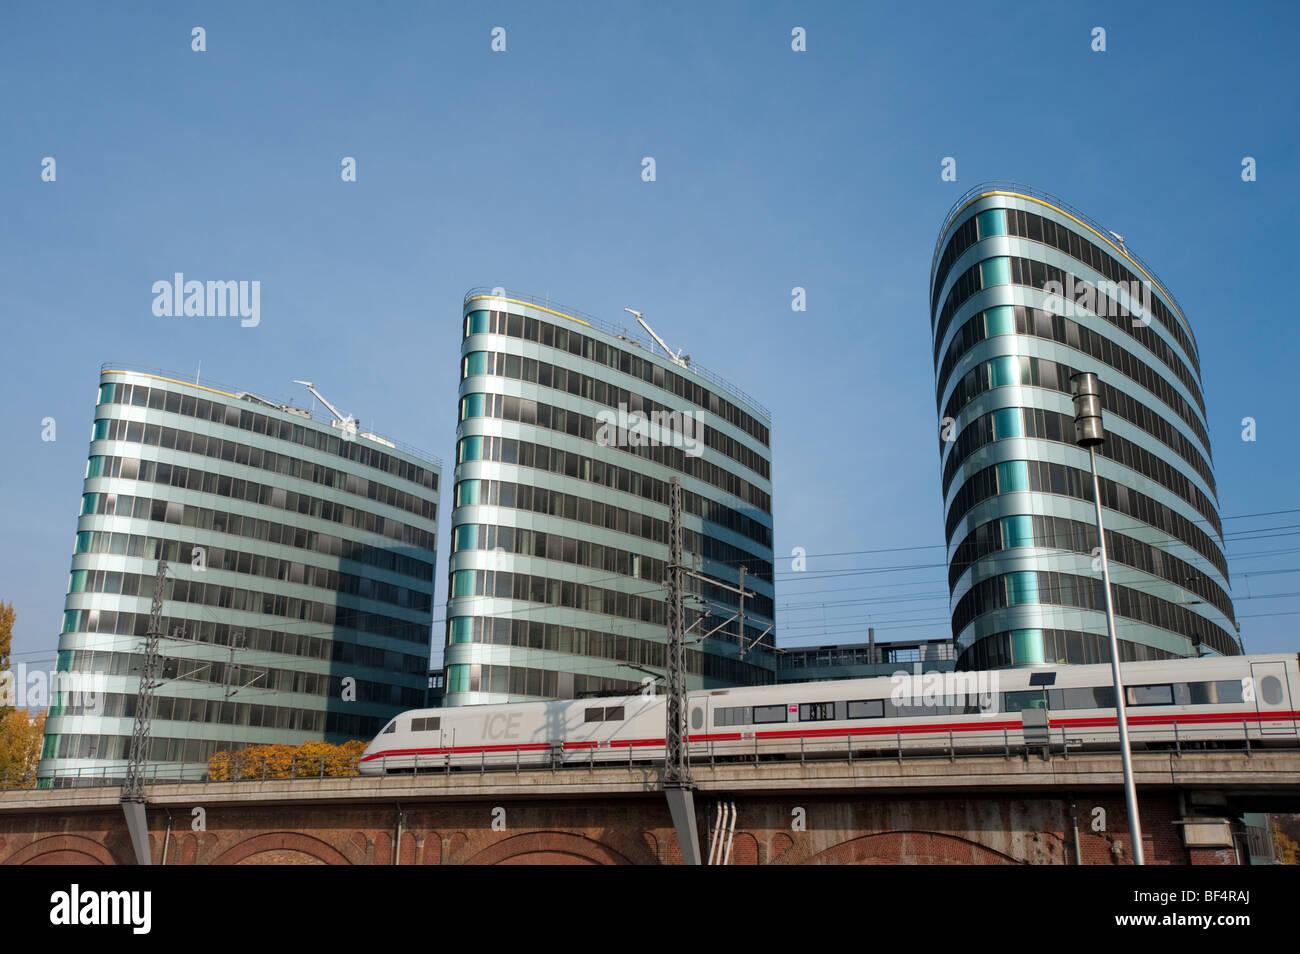 TRIAS edifici per uffici e treno in centro a Berlino Germania Immagini Stock